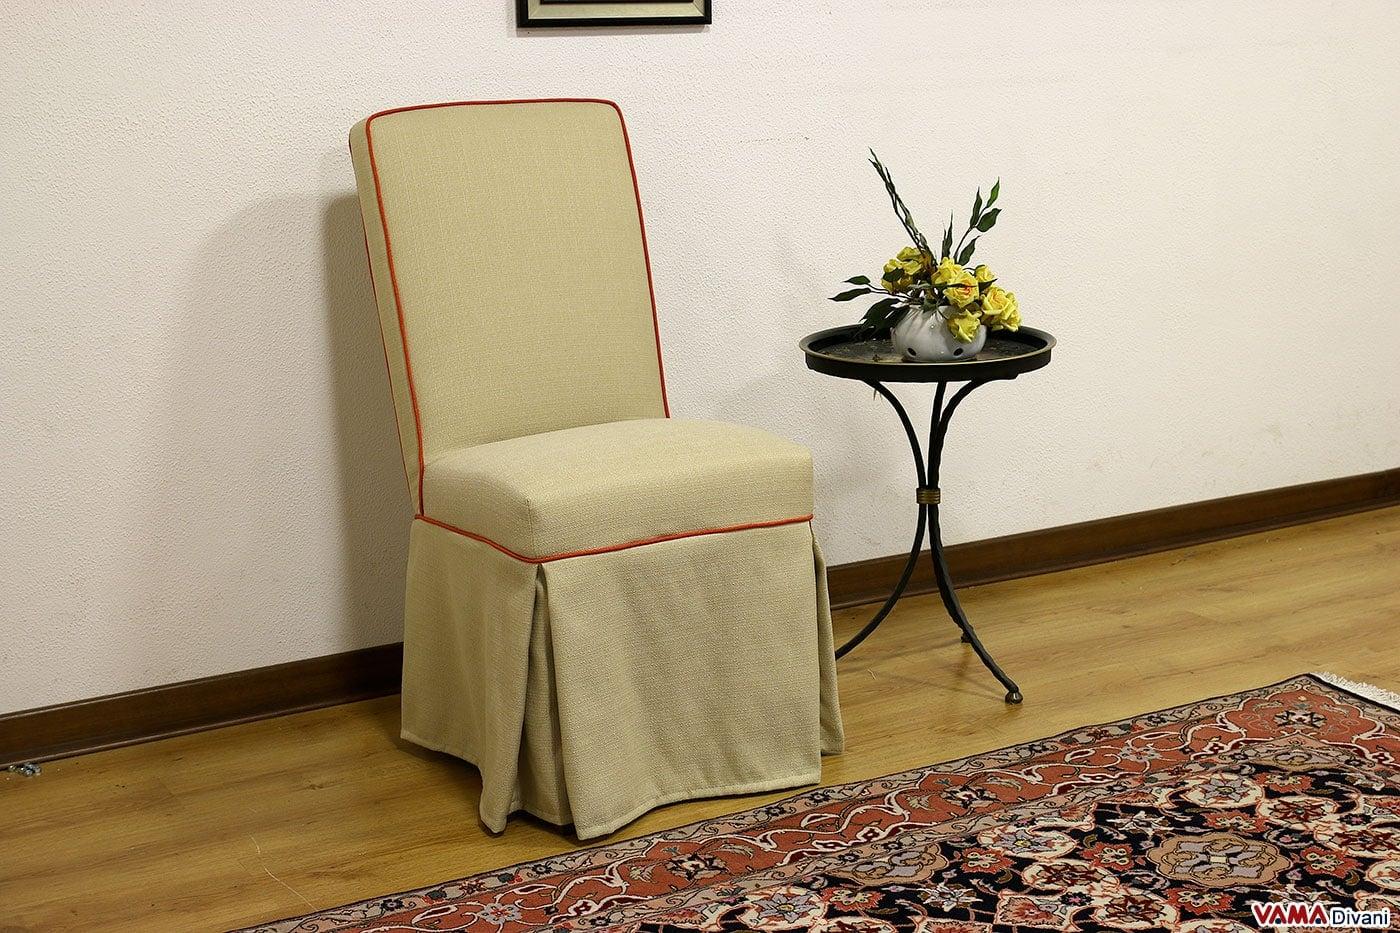 Sedie per sala da pranzo prezzi sedie per sala da pranzo for Tavoli da pranzo prezzi